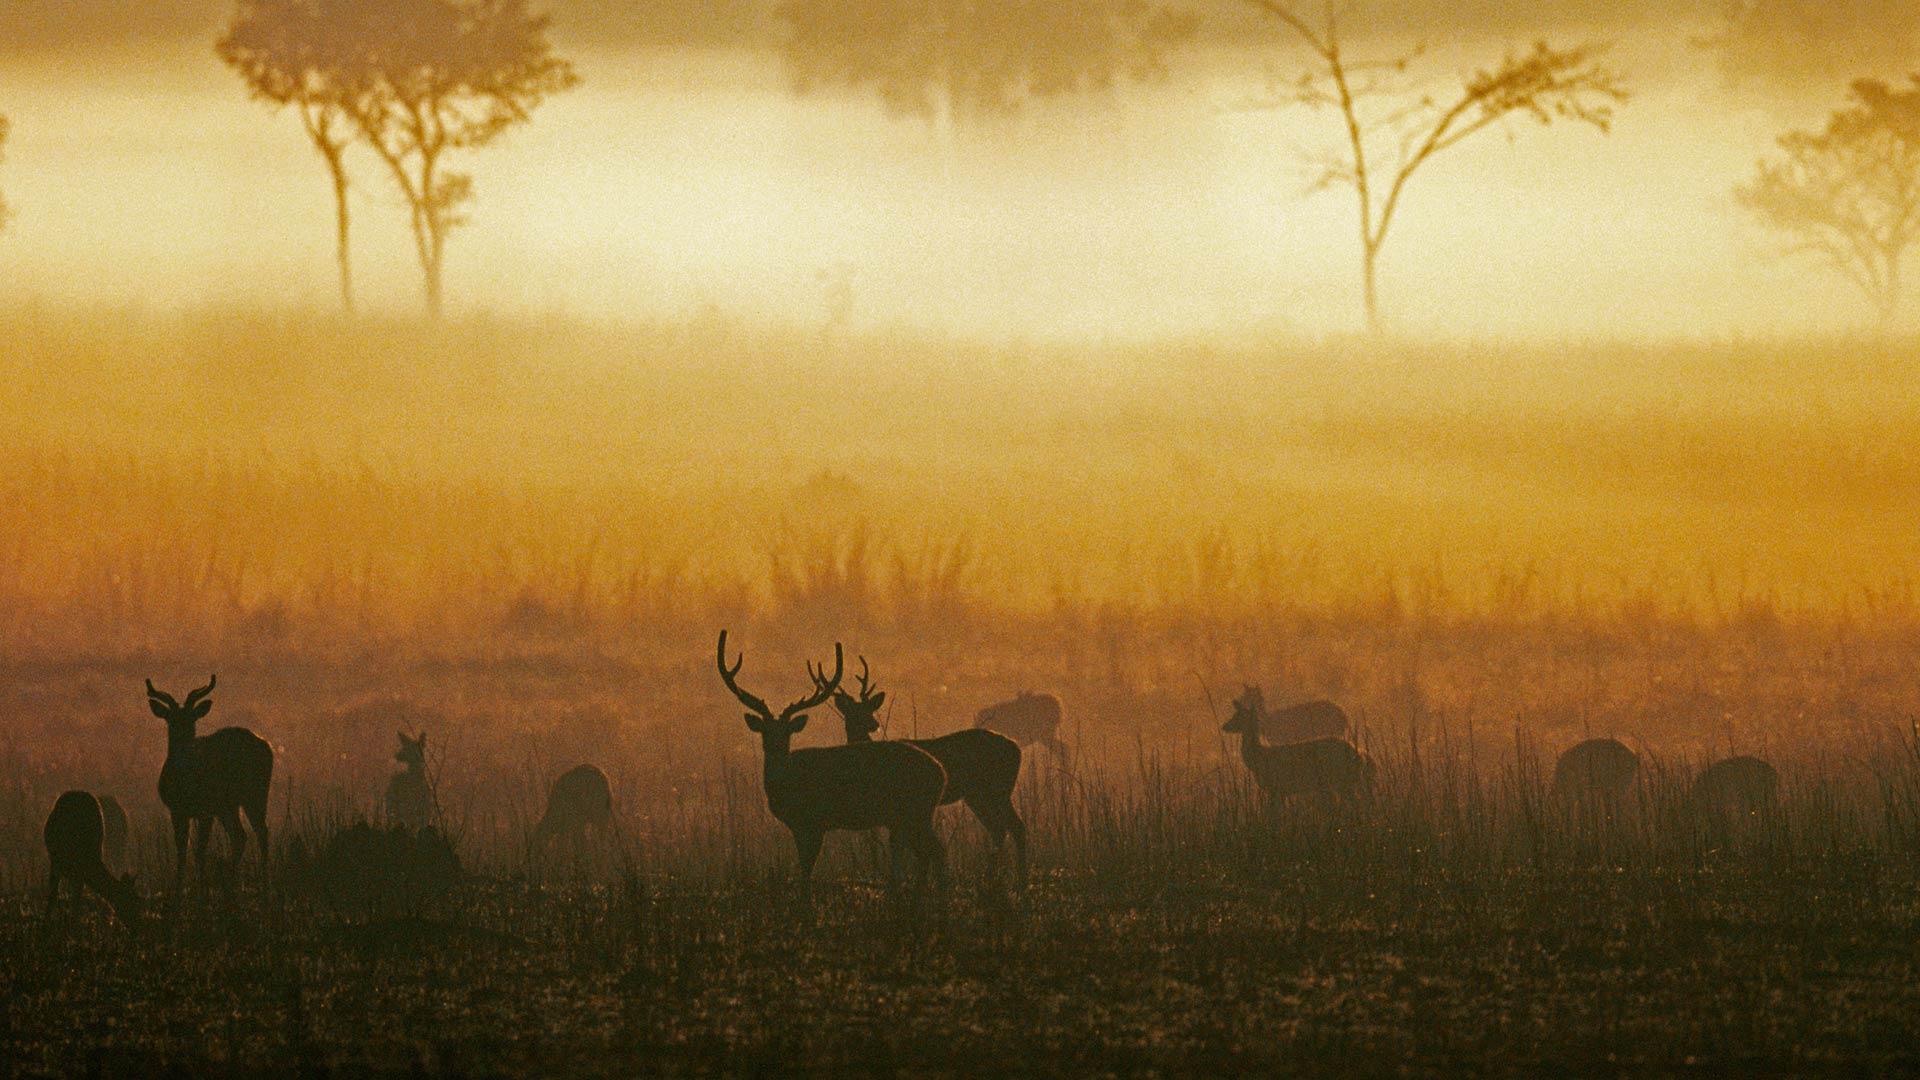 「霧の中のアクシスジカ」インド, マディヤ・プラデーシュ州 (© Pete Oxford/Minden Pictures)